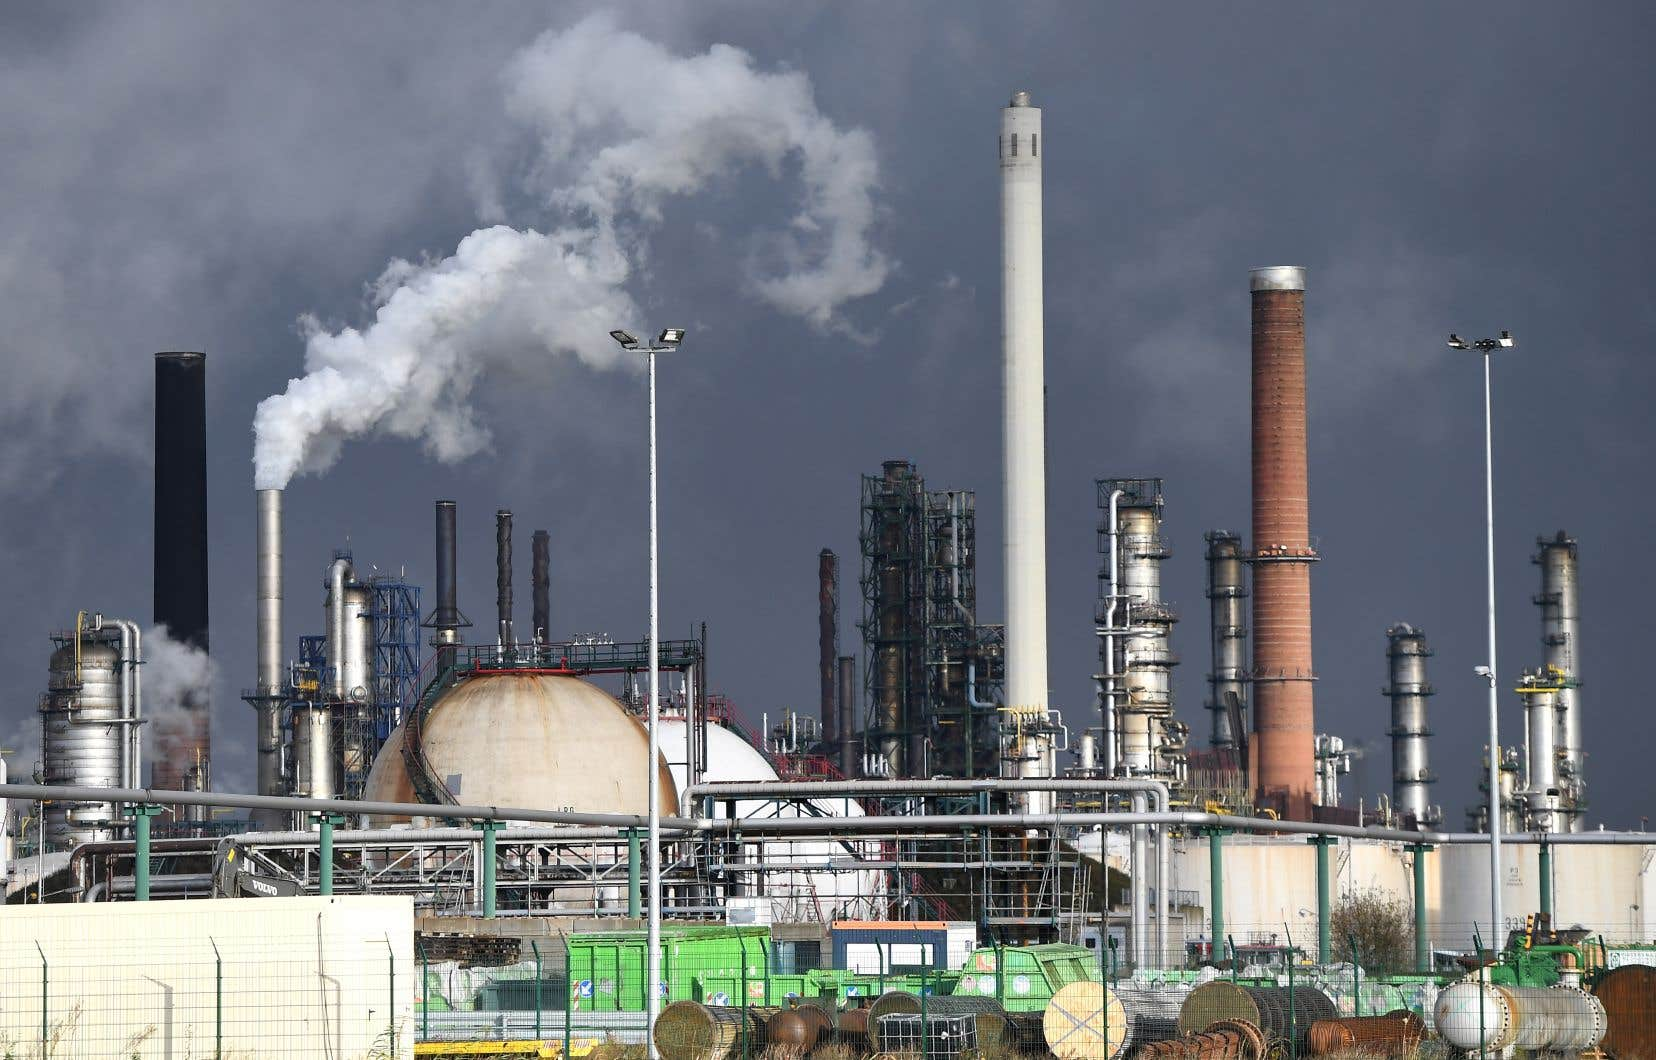 Cela reviendrait à faire baisser les émissions collectives de méthane de 350000 tonnes par an, selon l'OGCI.